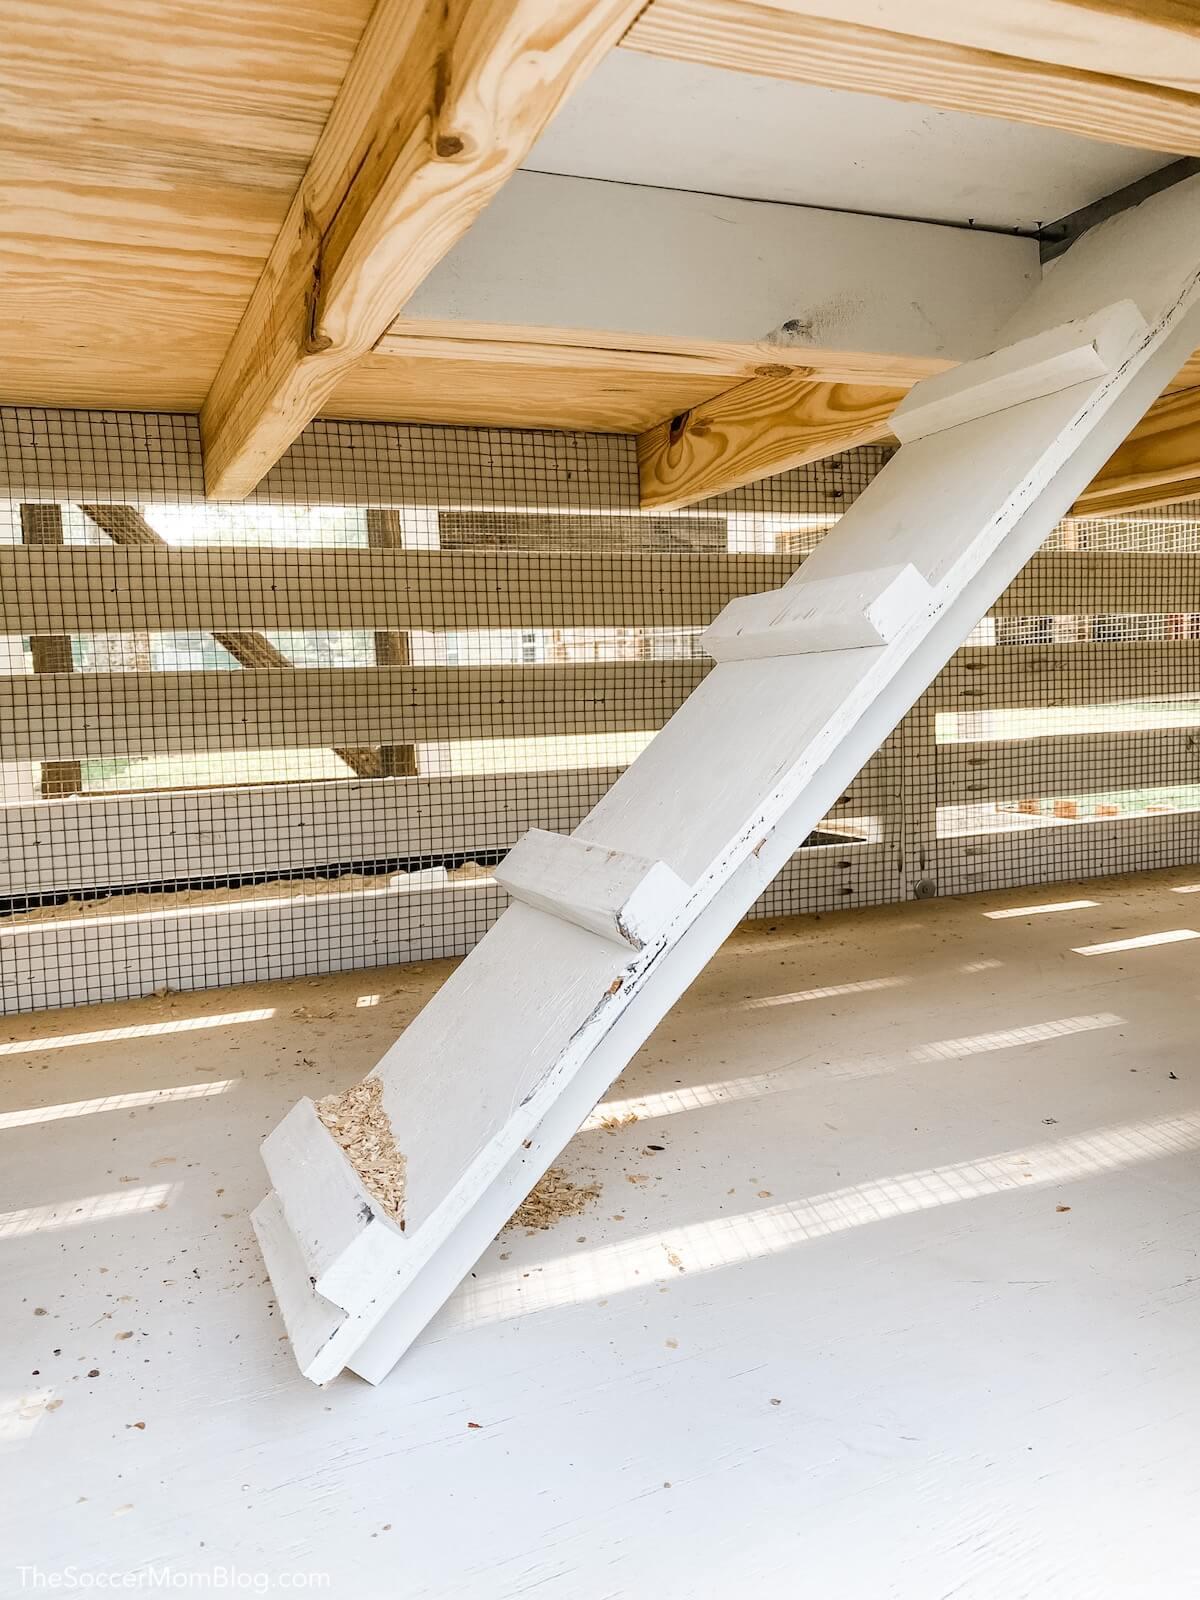 trap door ramp inside chicken coop